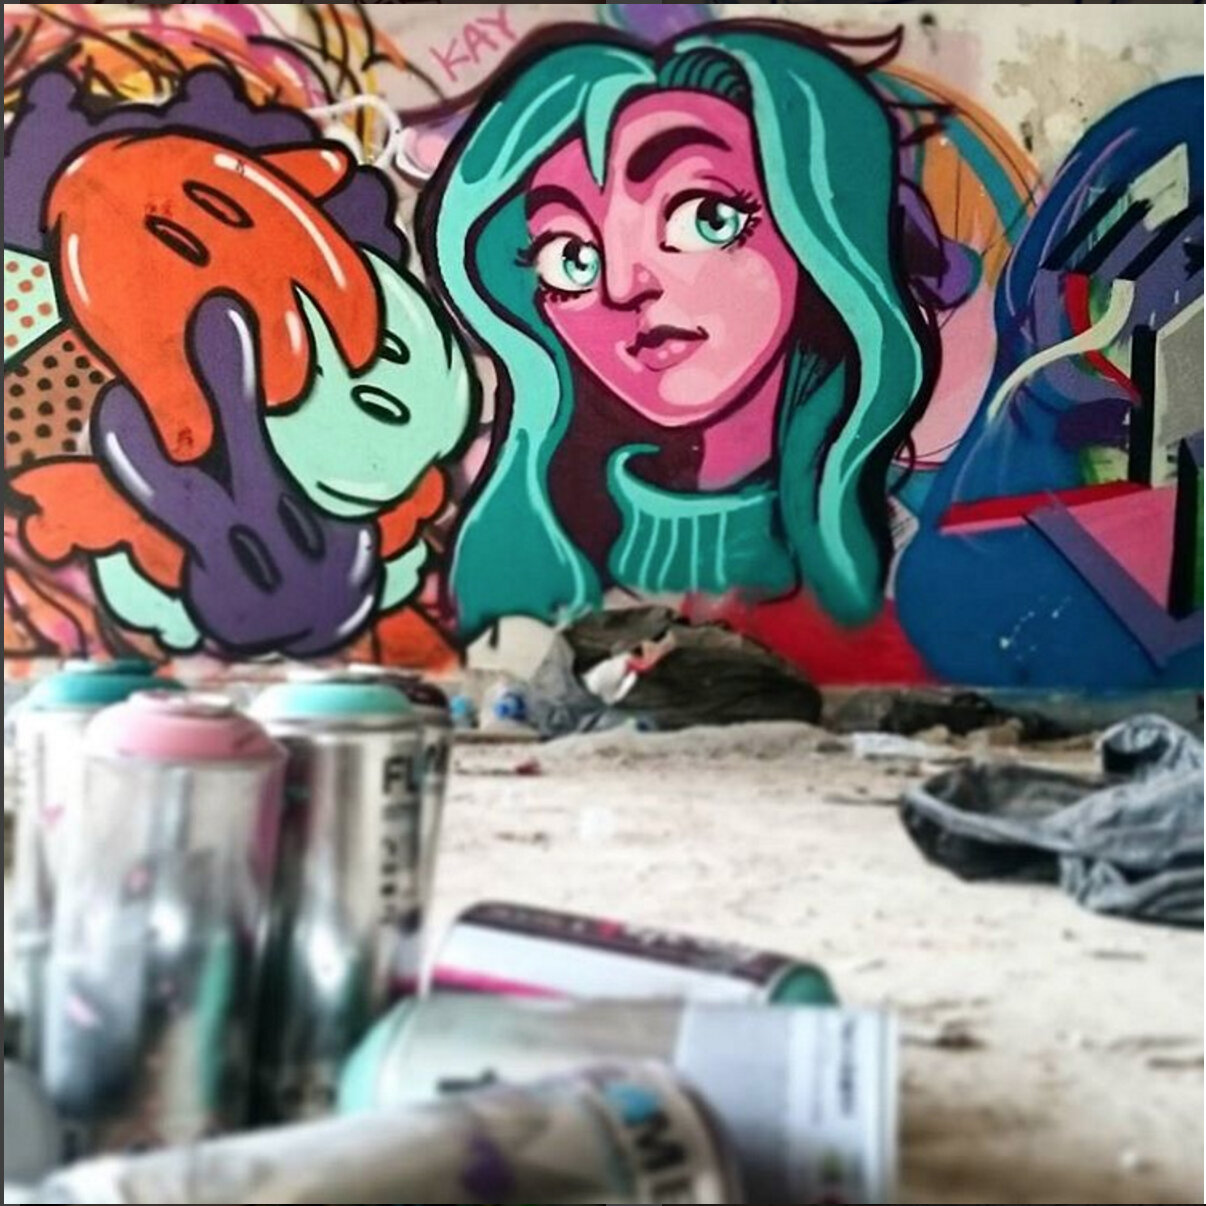 Mural_Spray copy.jpg